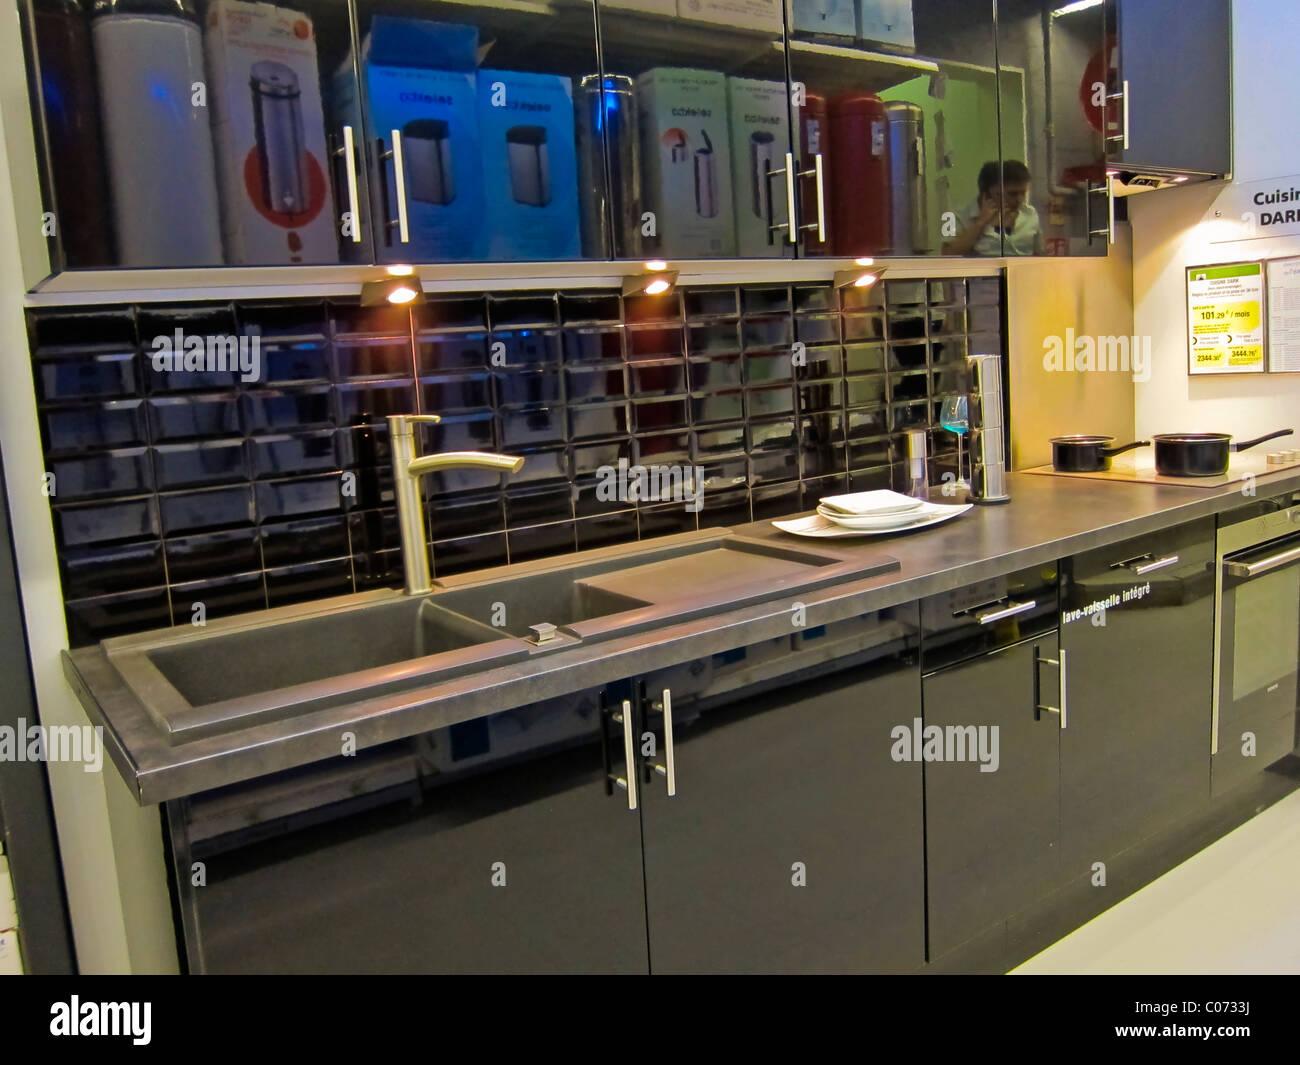 paris, france, modern kitchen design, shops, inside displays